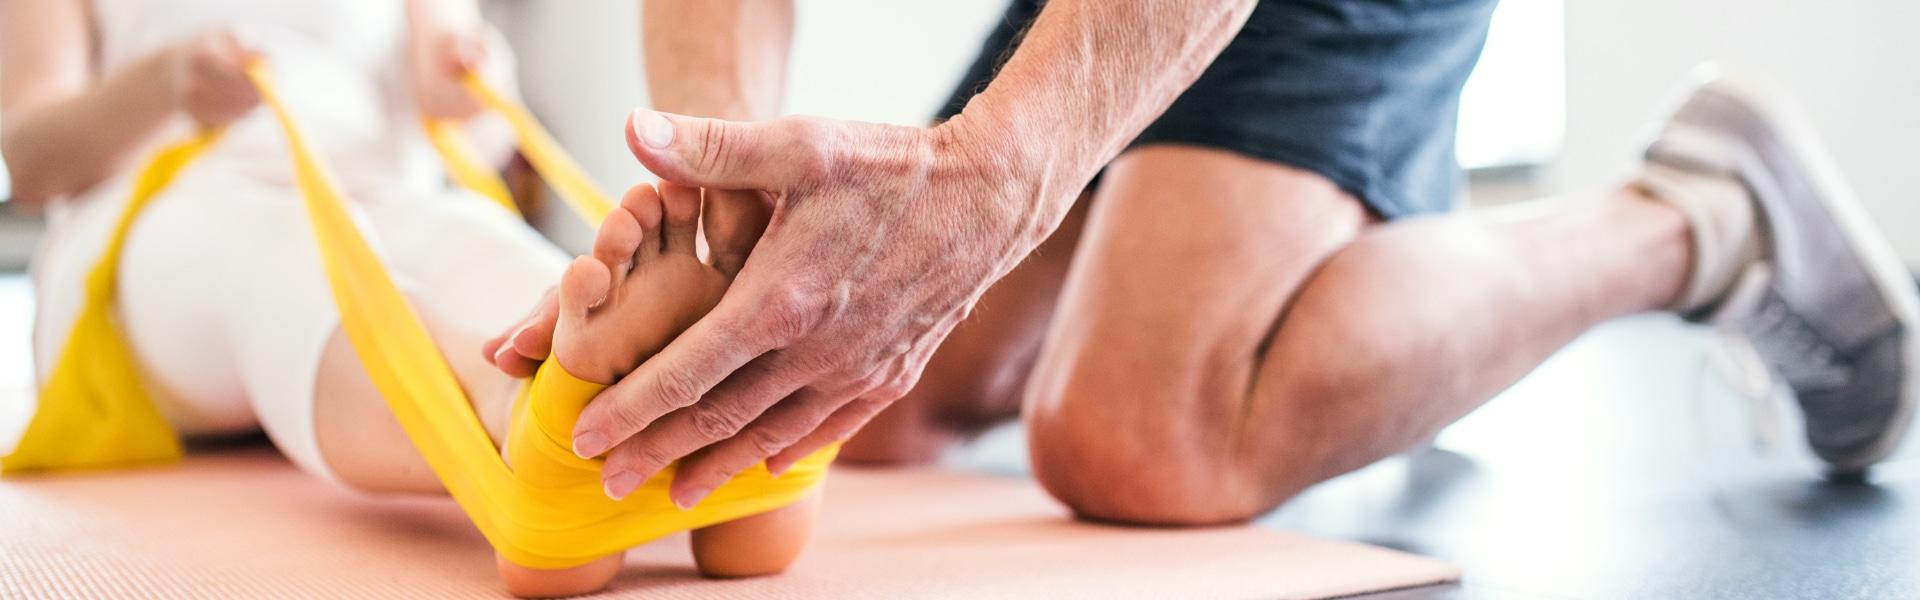 Krankengymnastik Kopfschmerzen Nackenschmerzen Rueckenschmerzen Physiotherapie Berlin Mitte Christian Marsch